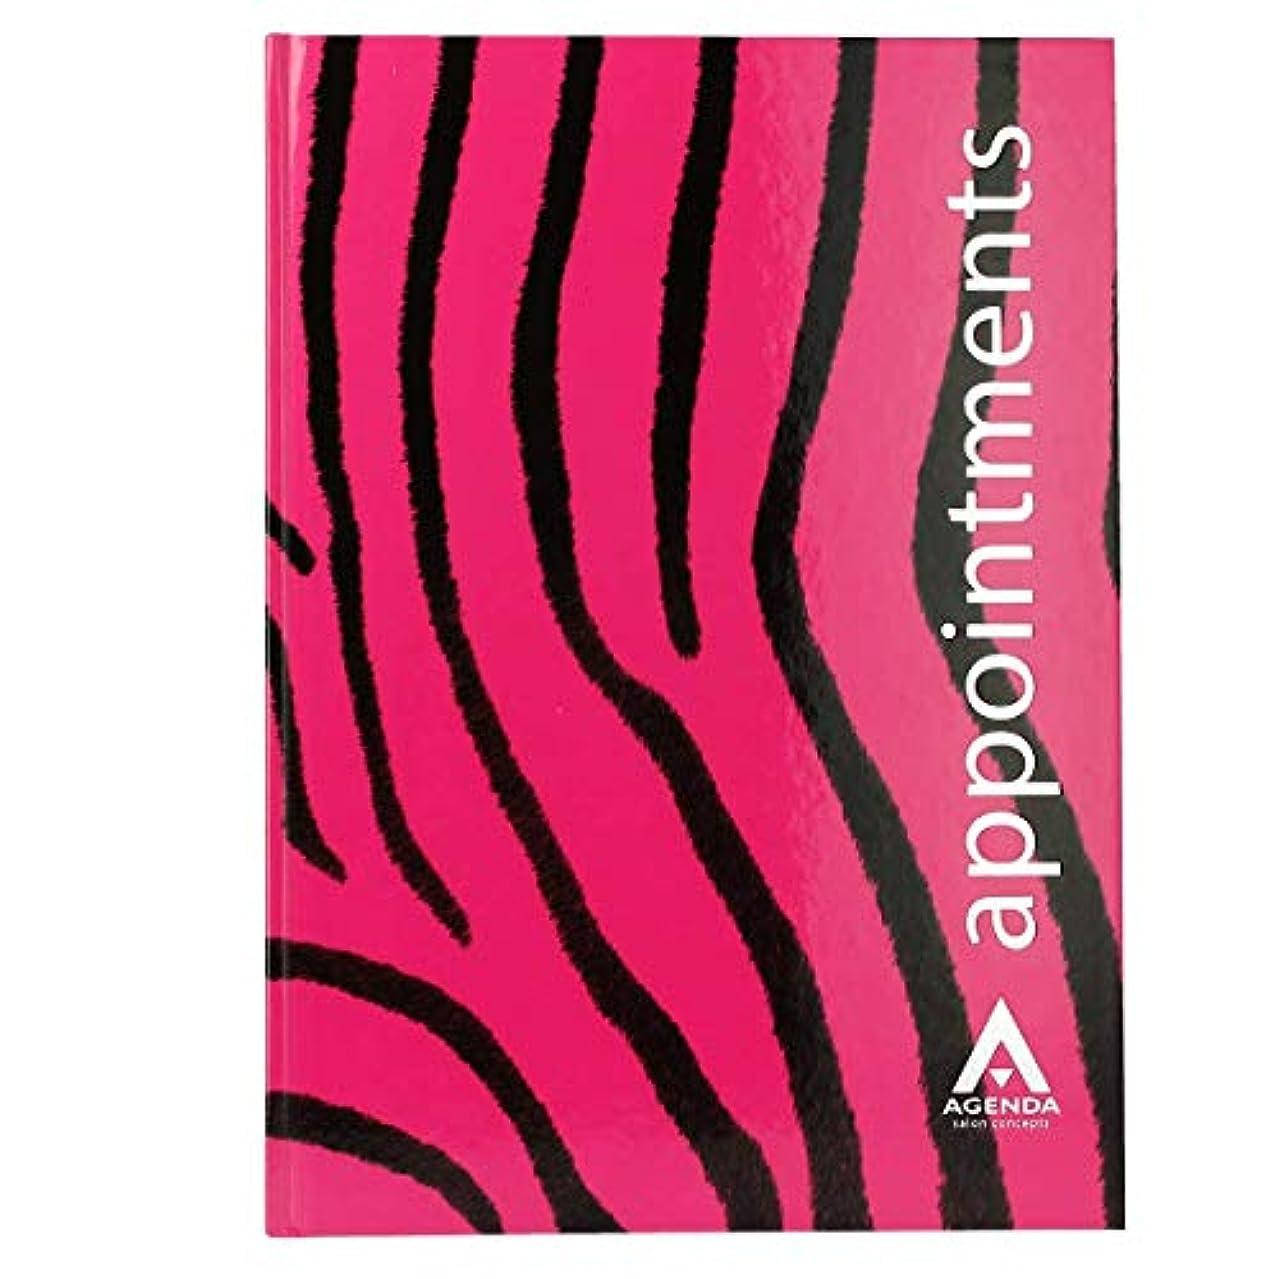 フェッチ創始者遮るアジェンダ サロンコンセプト 美容アポイントメントブック6アシスタントピンクゼブラ[海外直送品] [並行輸入品]